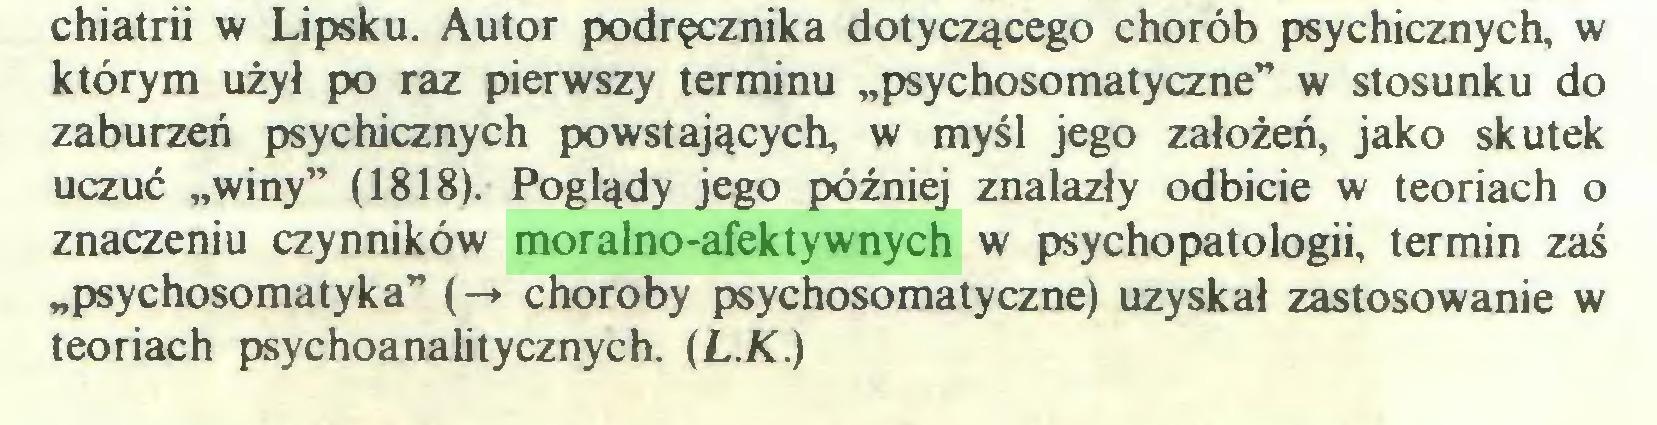 """(...) chiatrii w Lipsku. Autor podręcznika dotyczącego chorób psychicznych, w którym użył po raz pierwszy terminu """"psychosomatyczne"""" w stosunku do zaburzeń psychicznych powstających, w myśl jego założeń, jako skutek uczuć """"winy"""" (1818). Poglądy jego później znalazły odbicie w teoriach o znaczeniu czynników moralno-afektywnych w psychopatologii, termin zaś """"psychosomatyka"""" (-♦ choroby psychosomatyczne) uzyskał zastosowanie w teoriach psychoanalitycznych. (L.K.)..."""